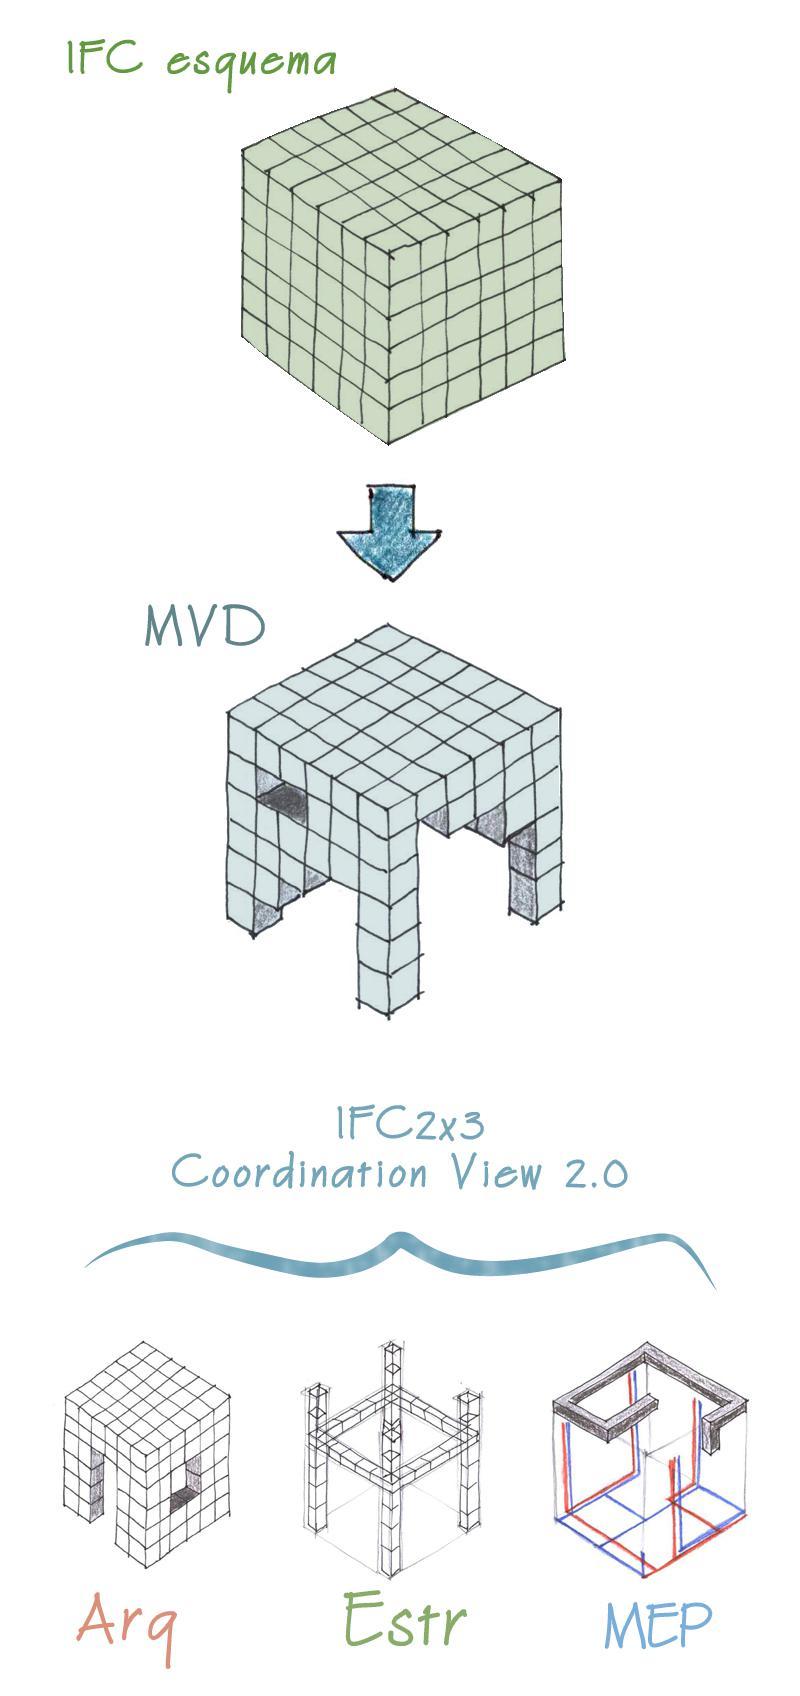 O grafico explica o IFC 2x3 Coordination View 2.0